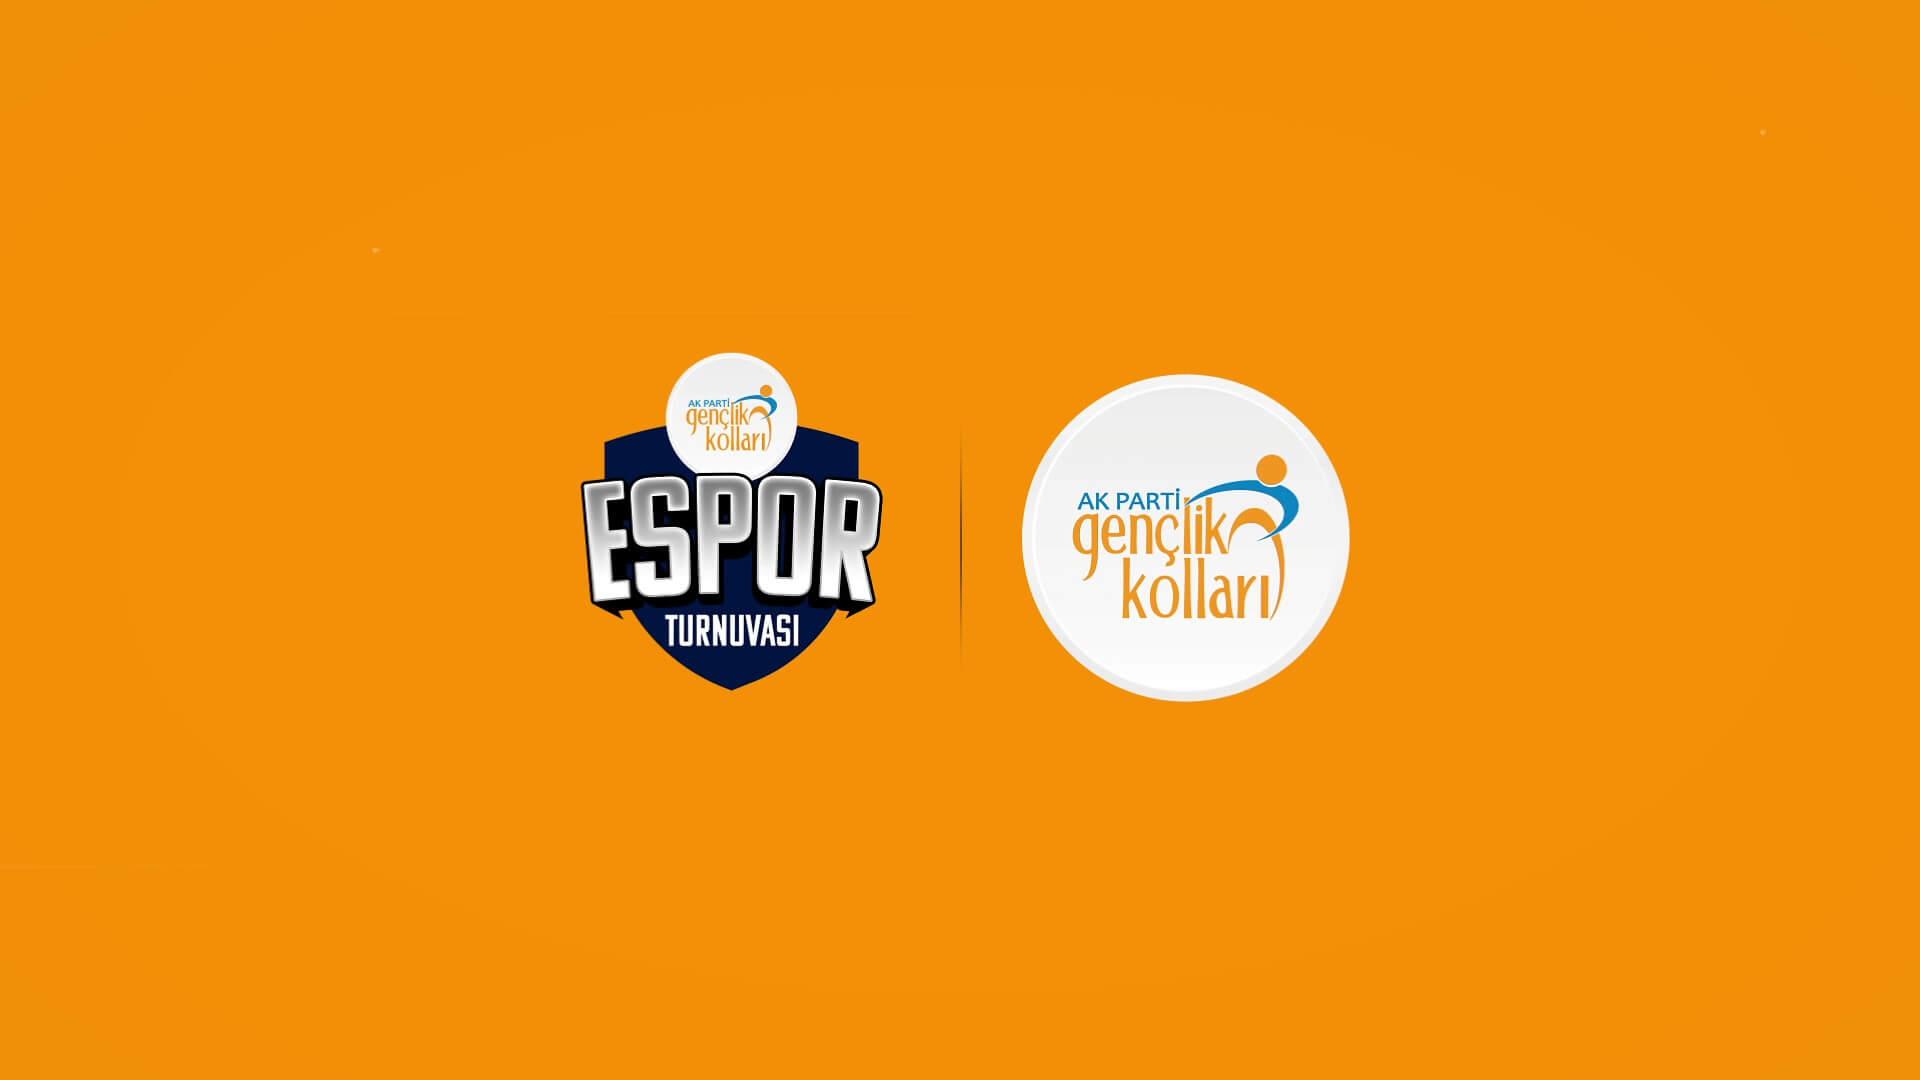 AK Gençlik Espor Turnuvası duyuruldu